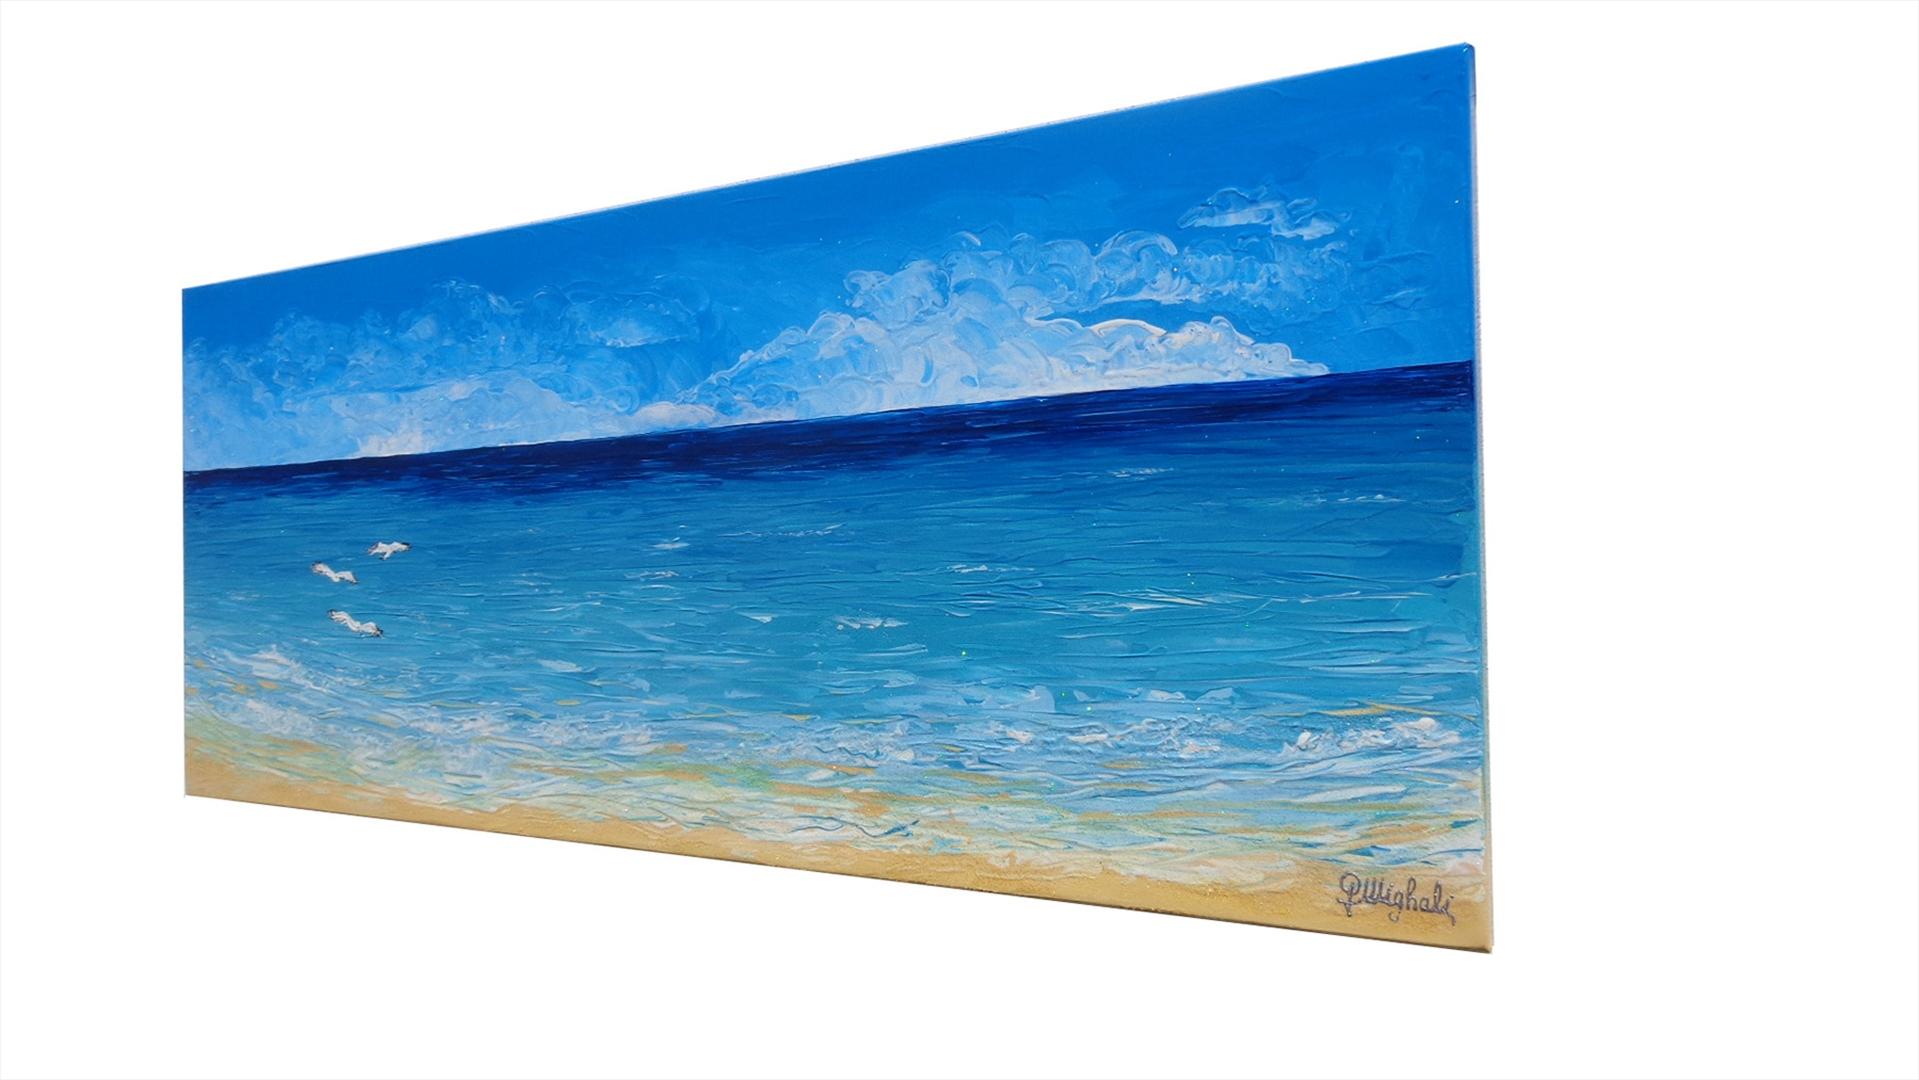 Paesaggio di mare con gabbiani vendita quadri online for Immagini quadri astratti moderni